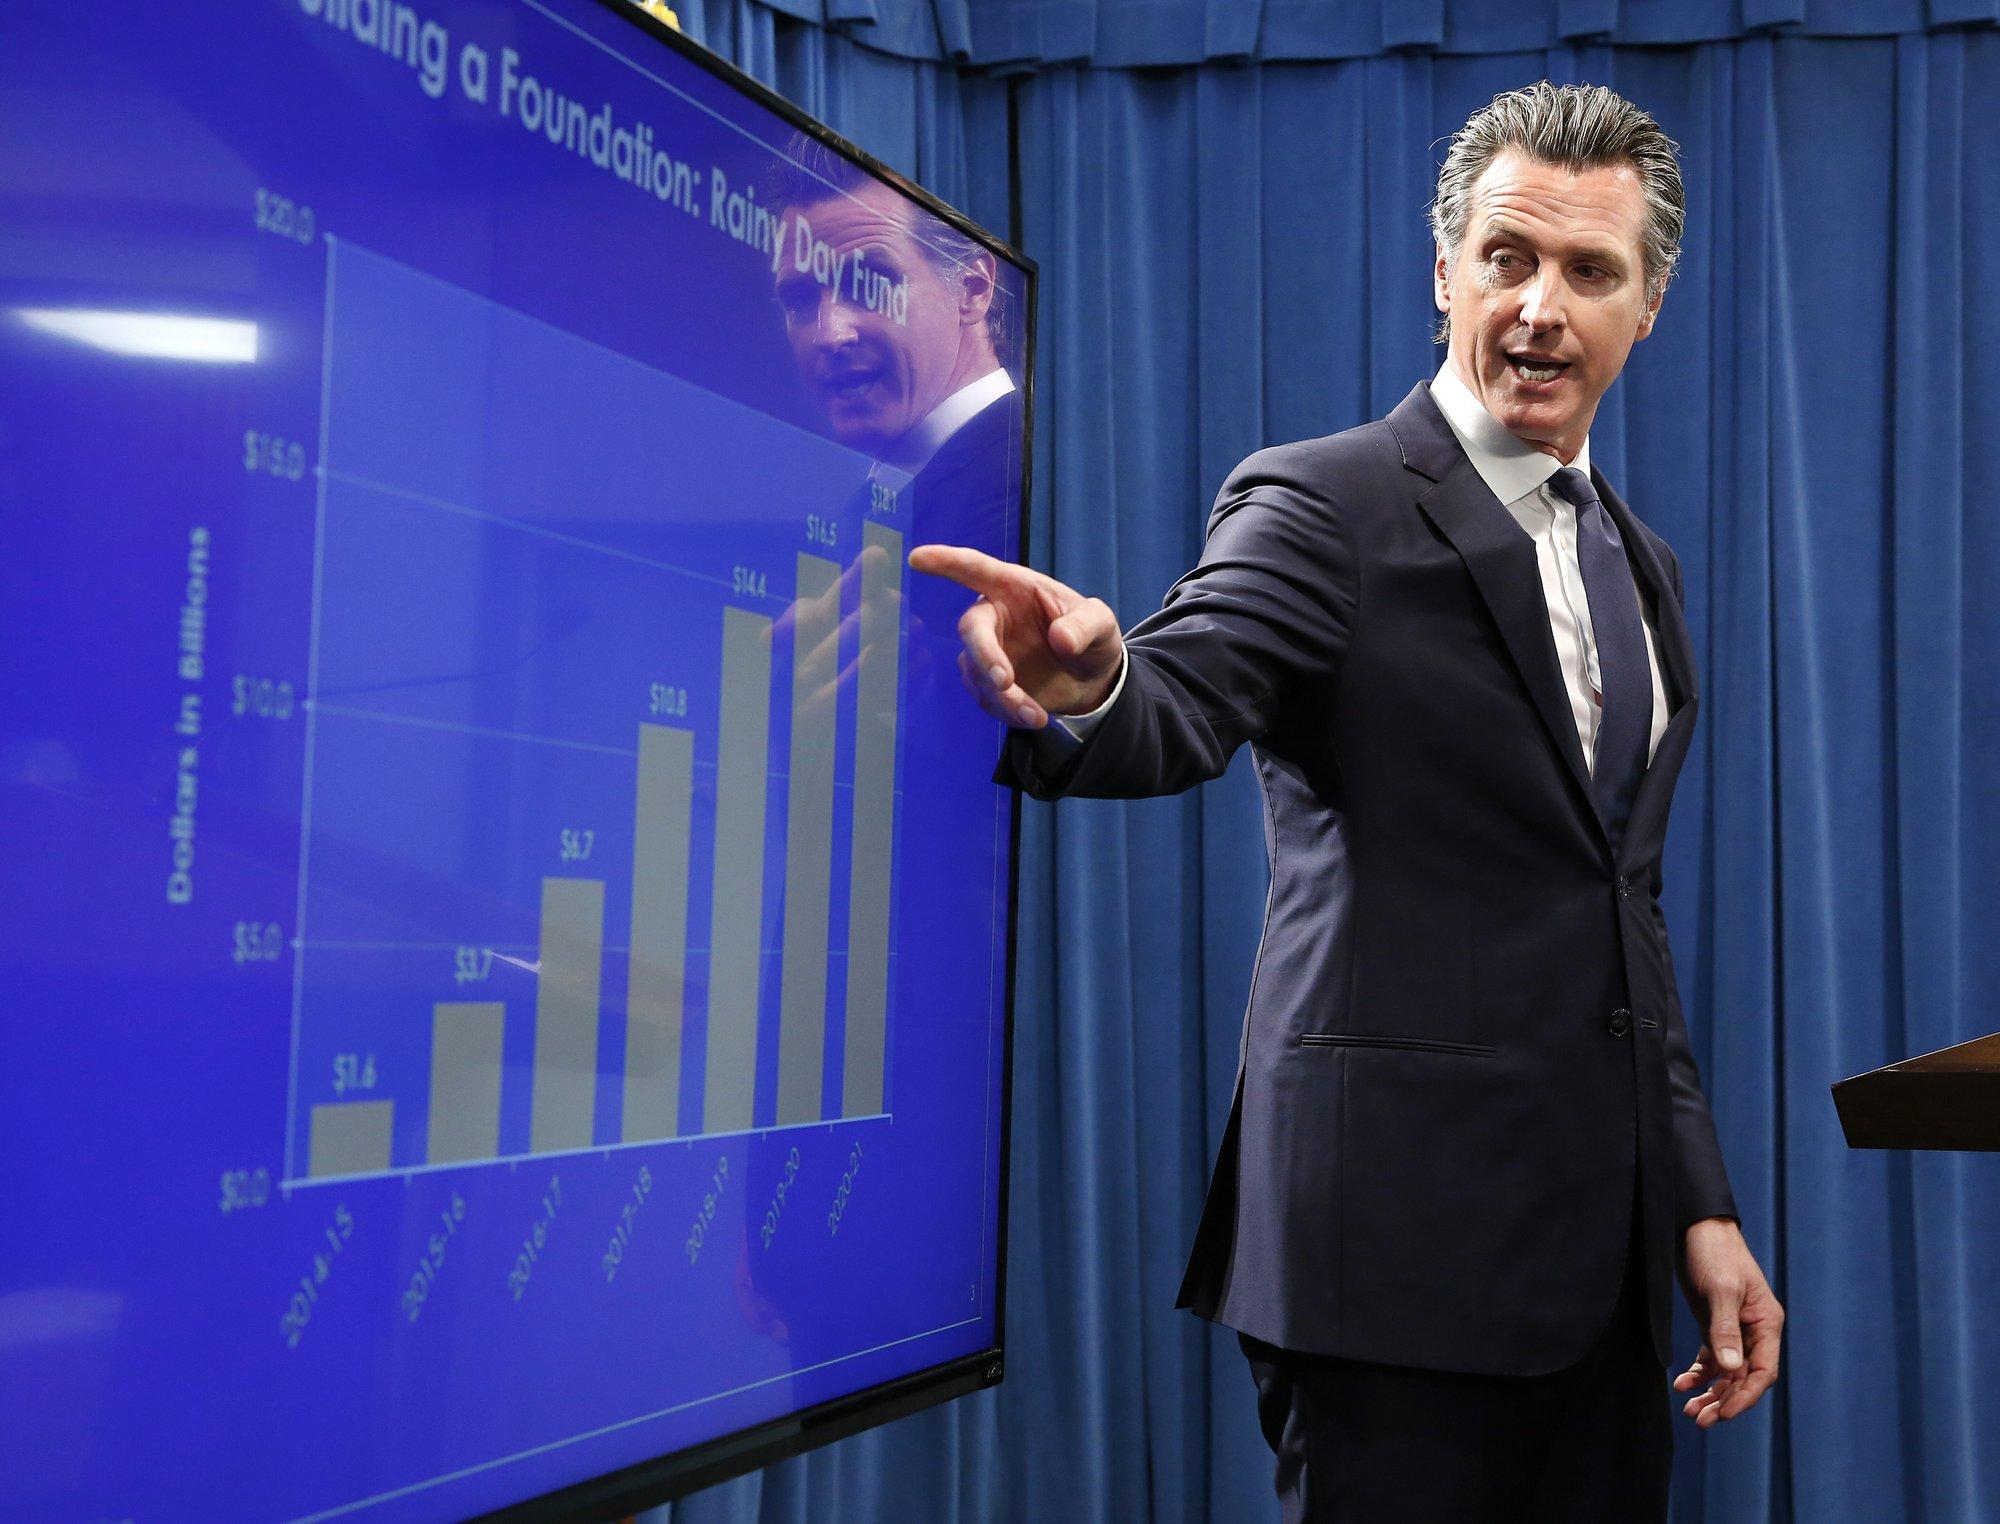 New spending in California Gov. Newsom's revised budget